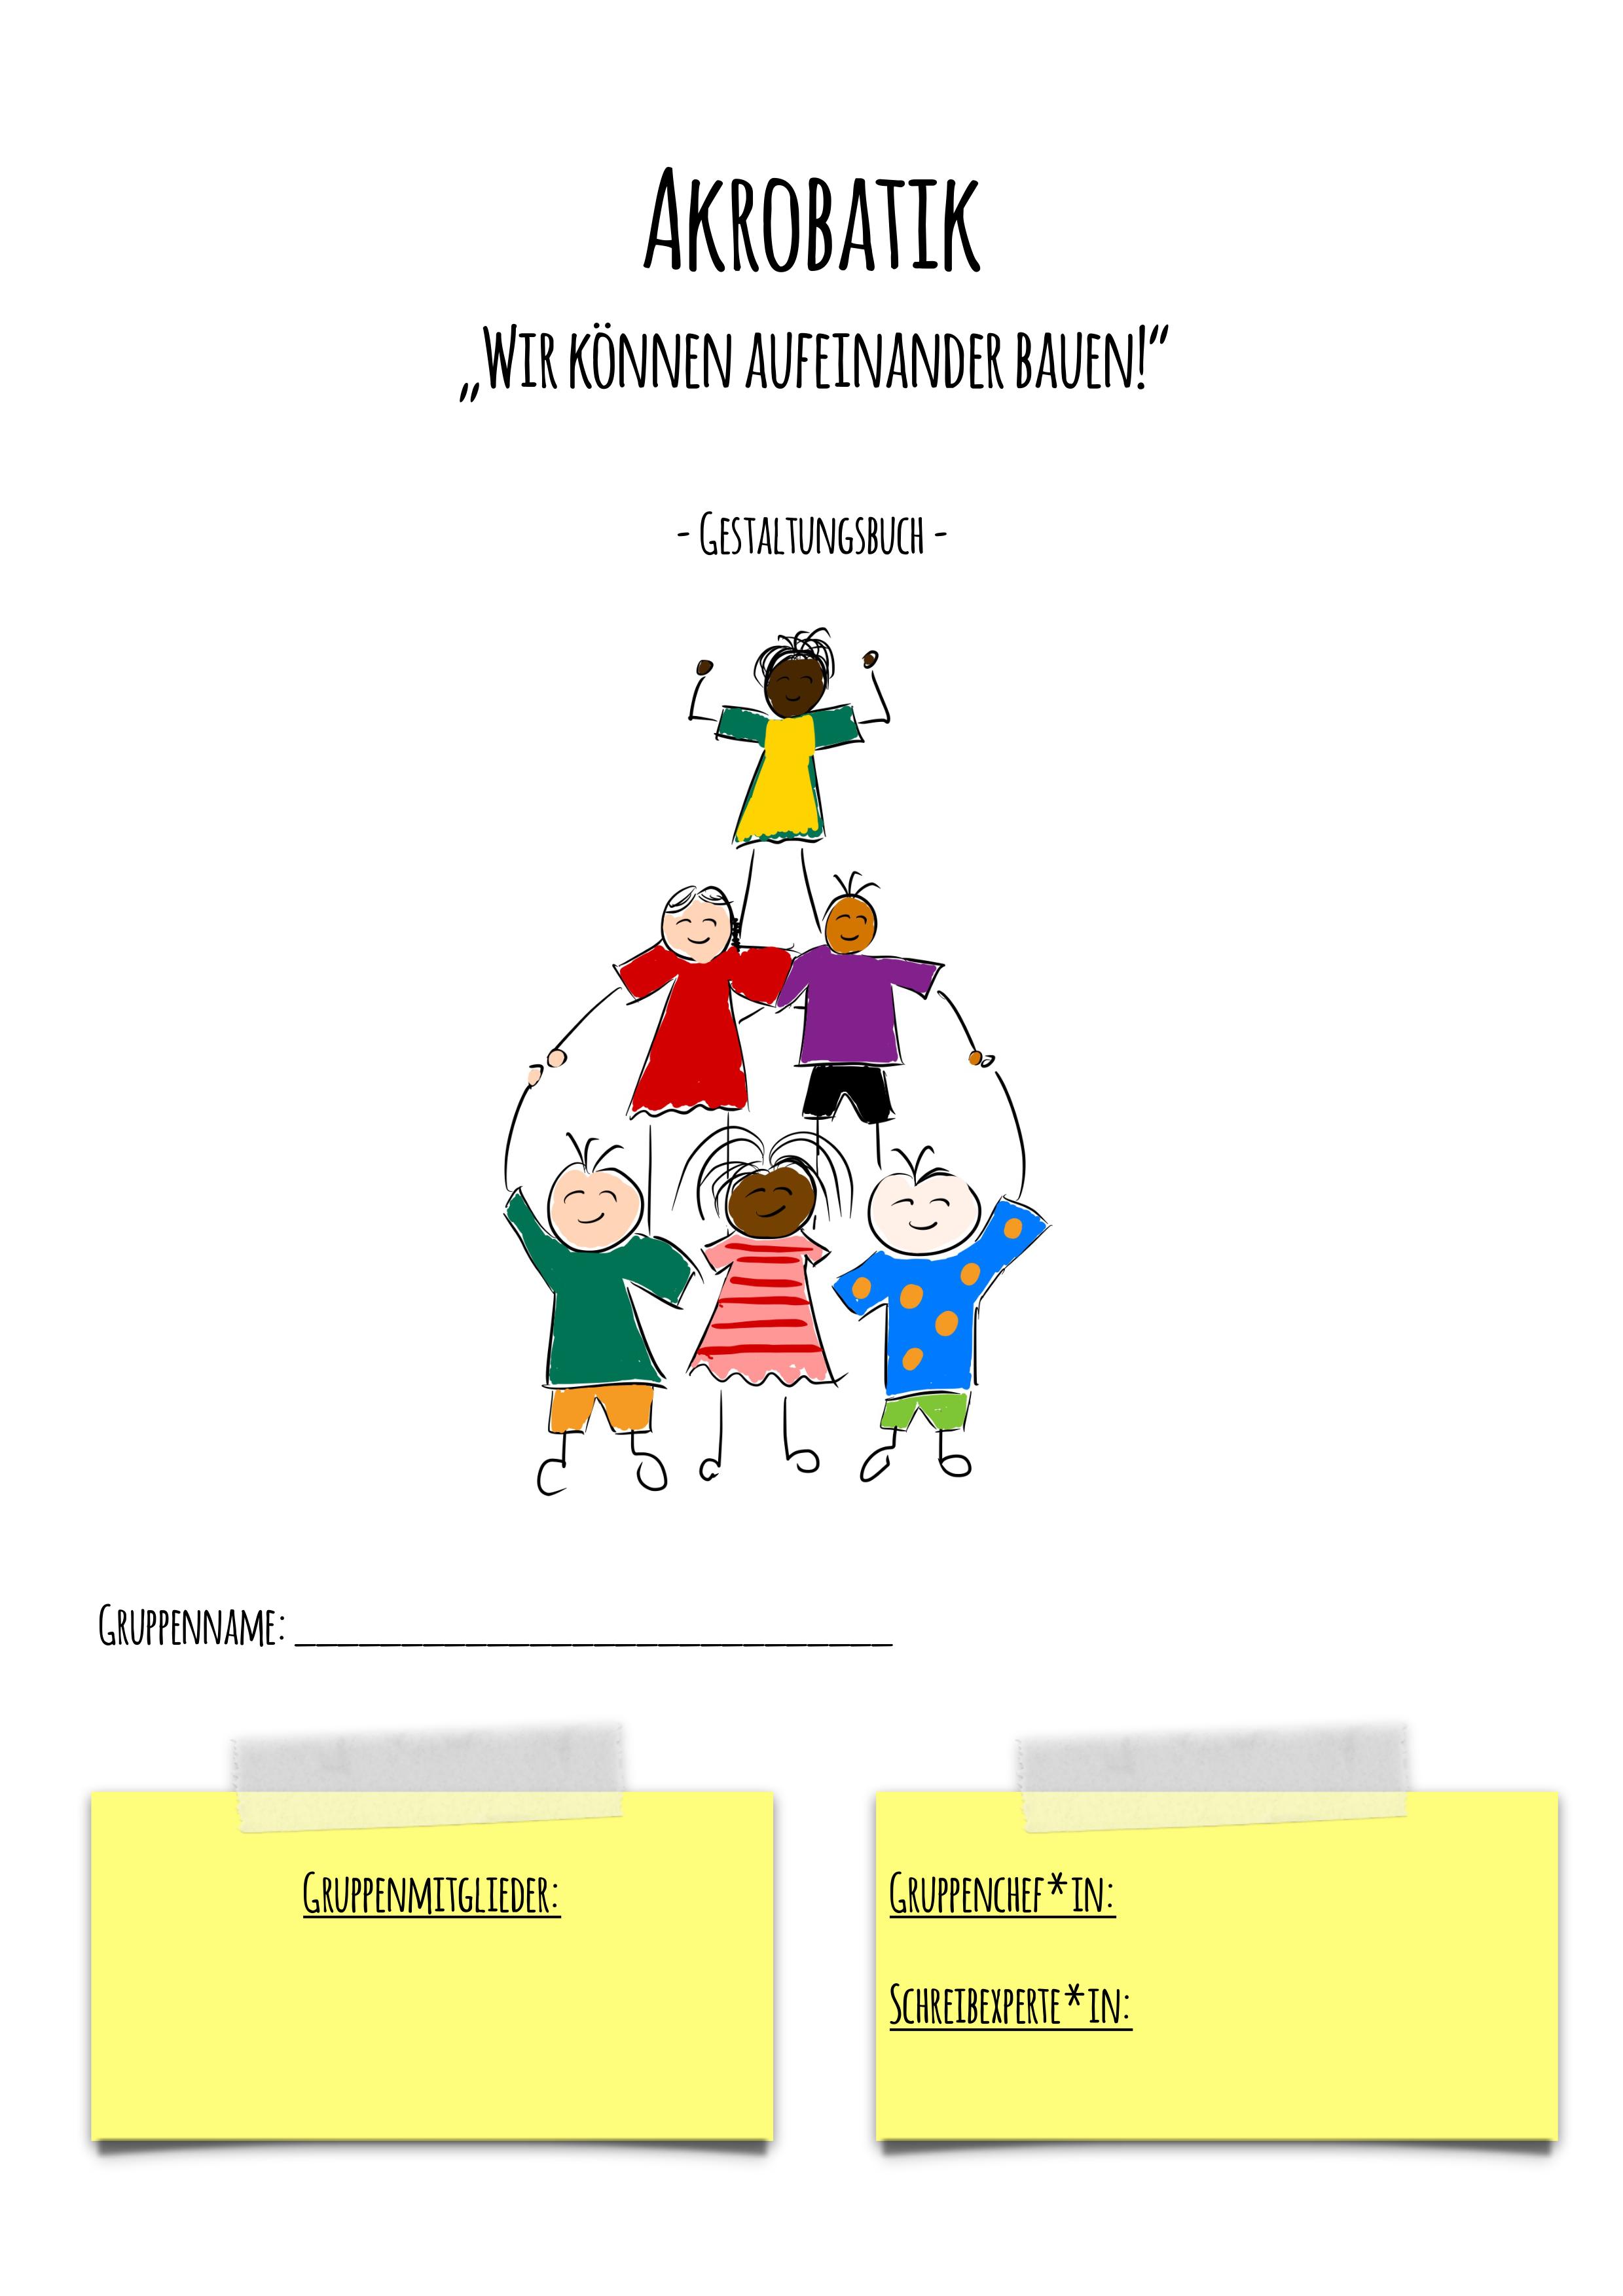 Akrobatik Gestaltungsbuch Deckblatt Unterrichtsmaterial In Den Fachern Fachubergreifendes Sport Bucher Unterrichtsmaterial Deckblatt